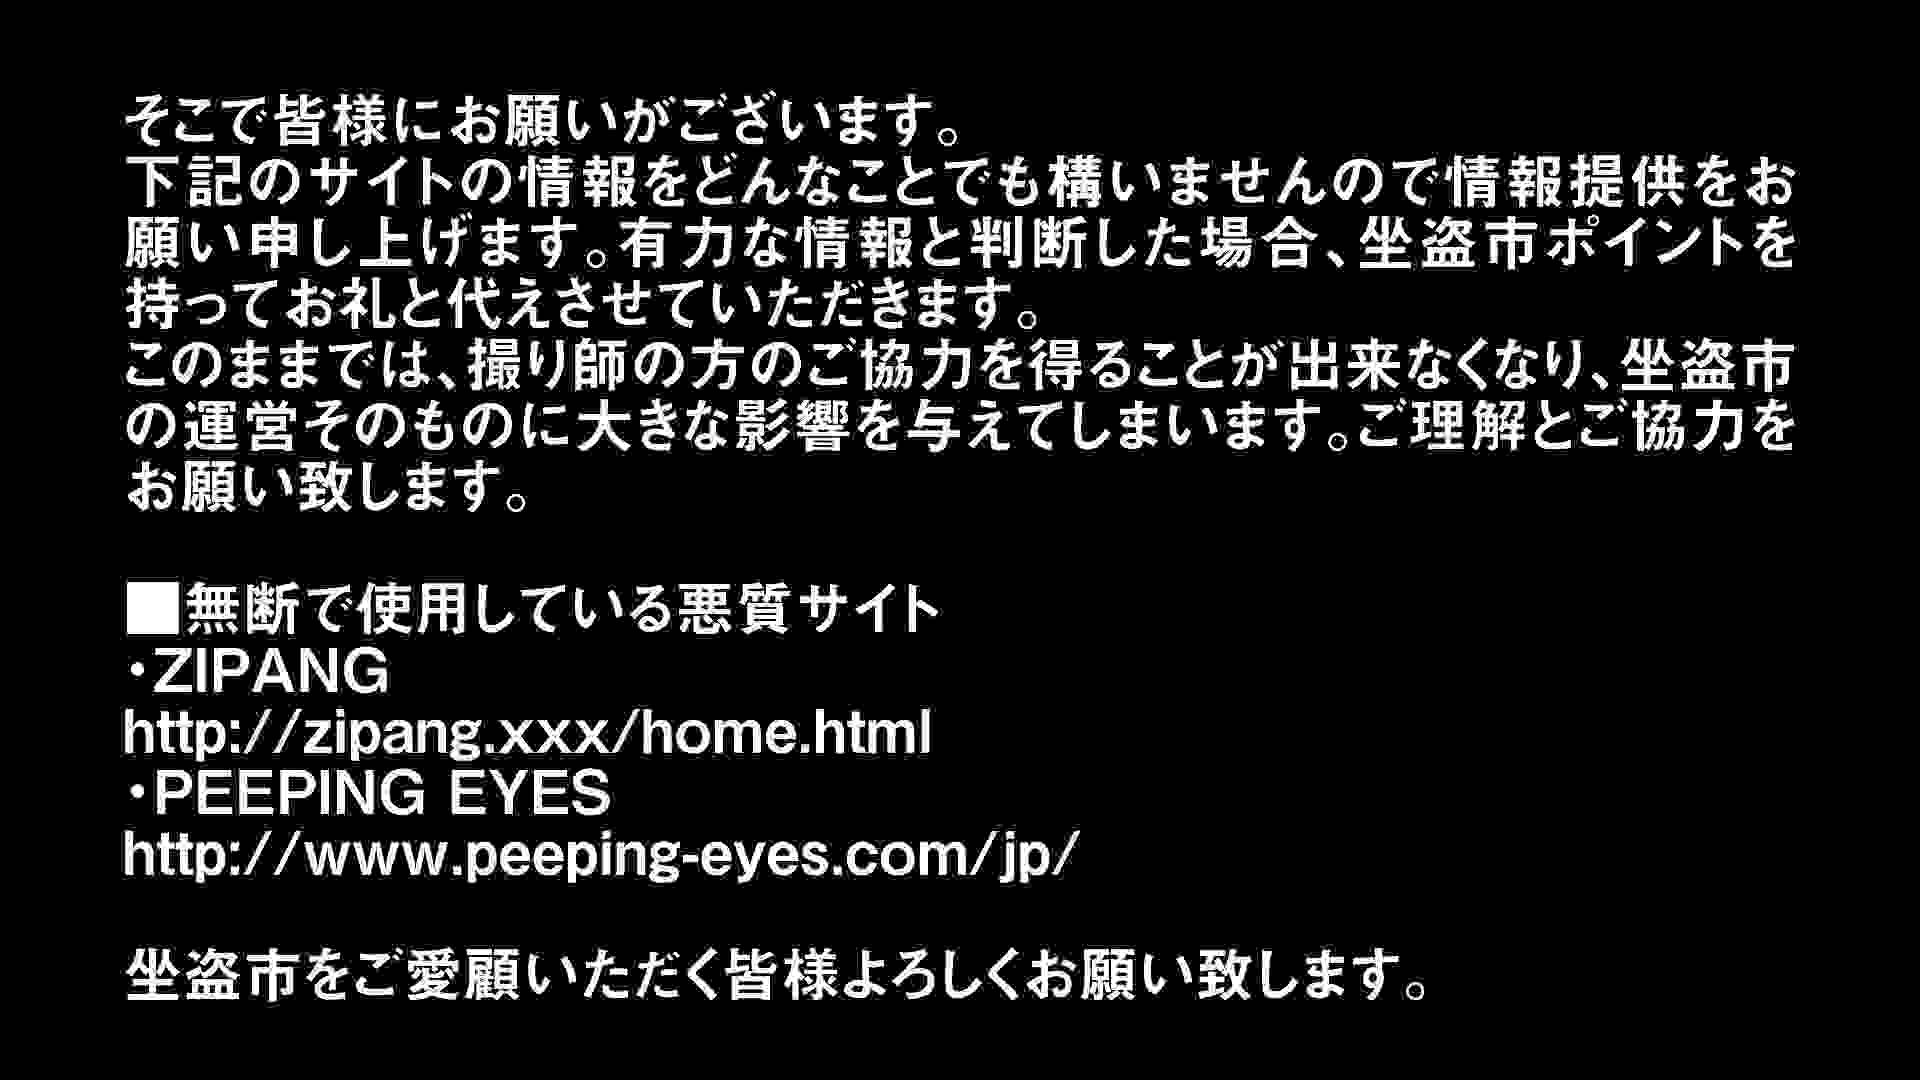 Aquaな露天風呂Vol.297 女体盗撮  91連発 33